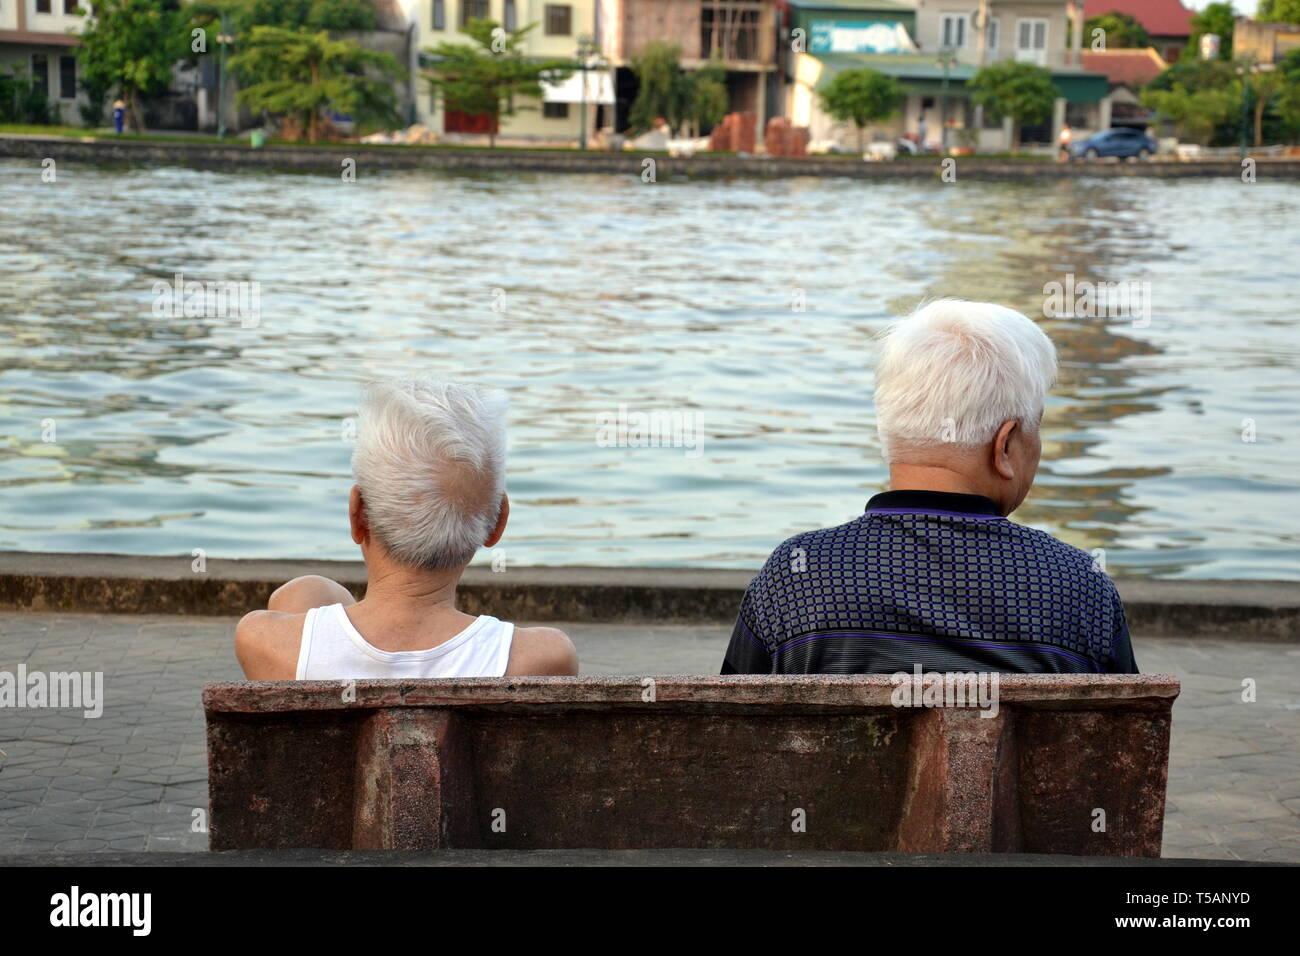 Vue arrière des deux hommes âgés assis sur un banc avec vue sur un lac en Ha Tinh, au Vietnam, en mai 2017. Photo Stock